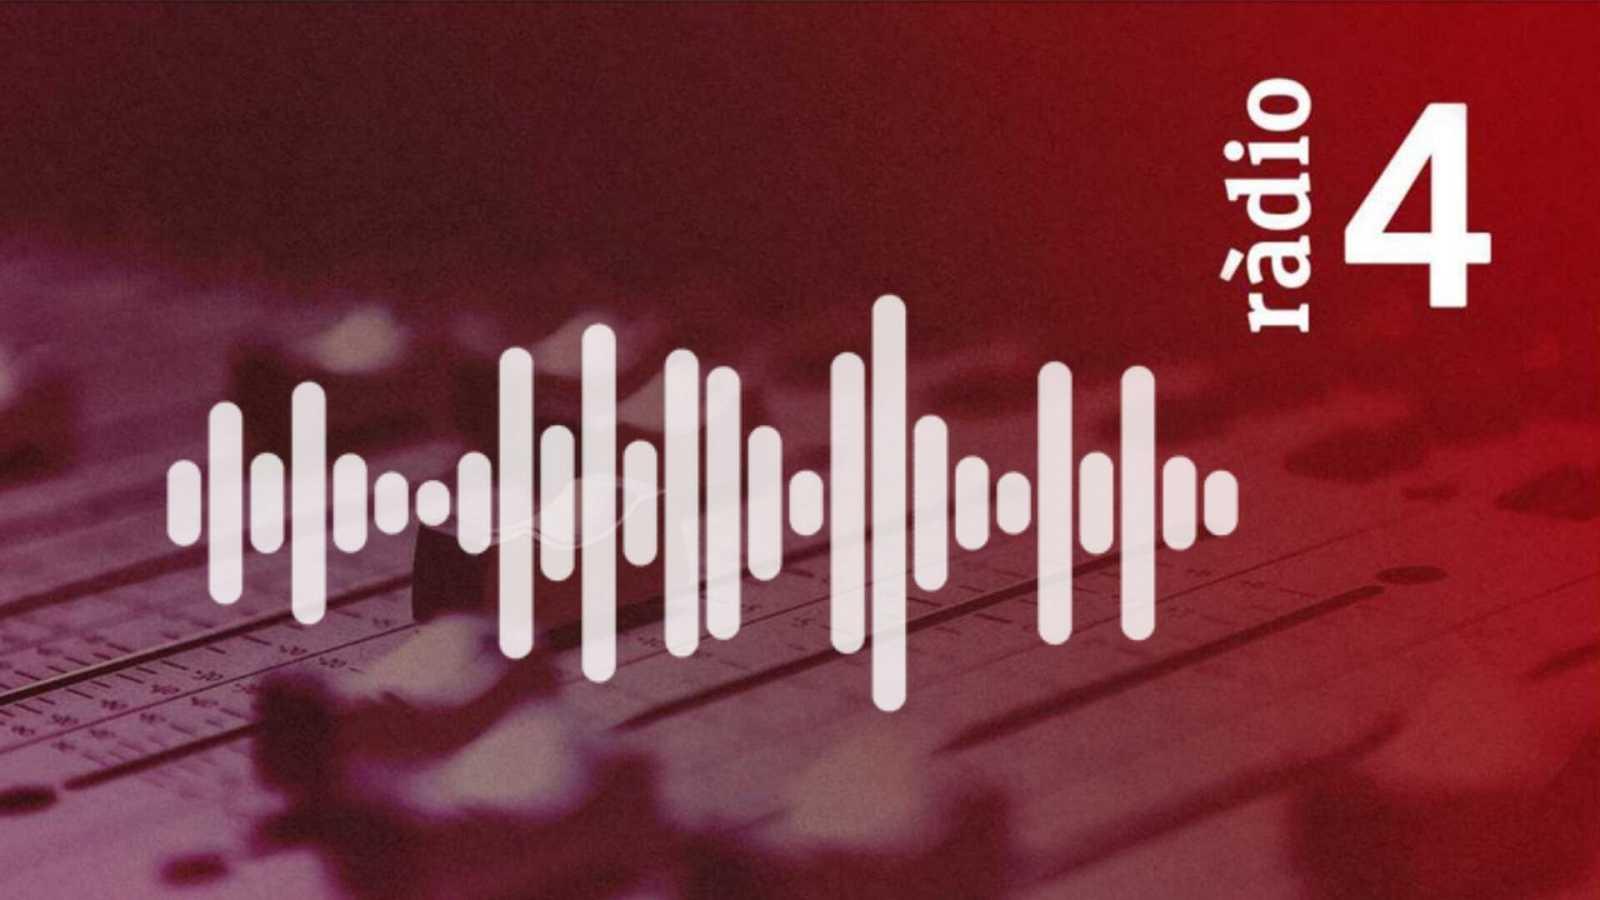 Freqüències de Ràdio 4